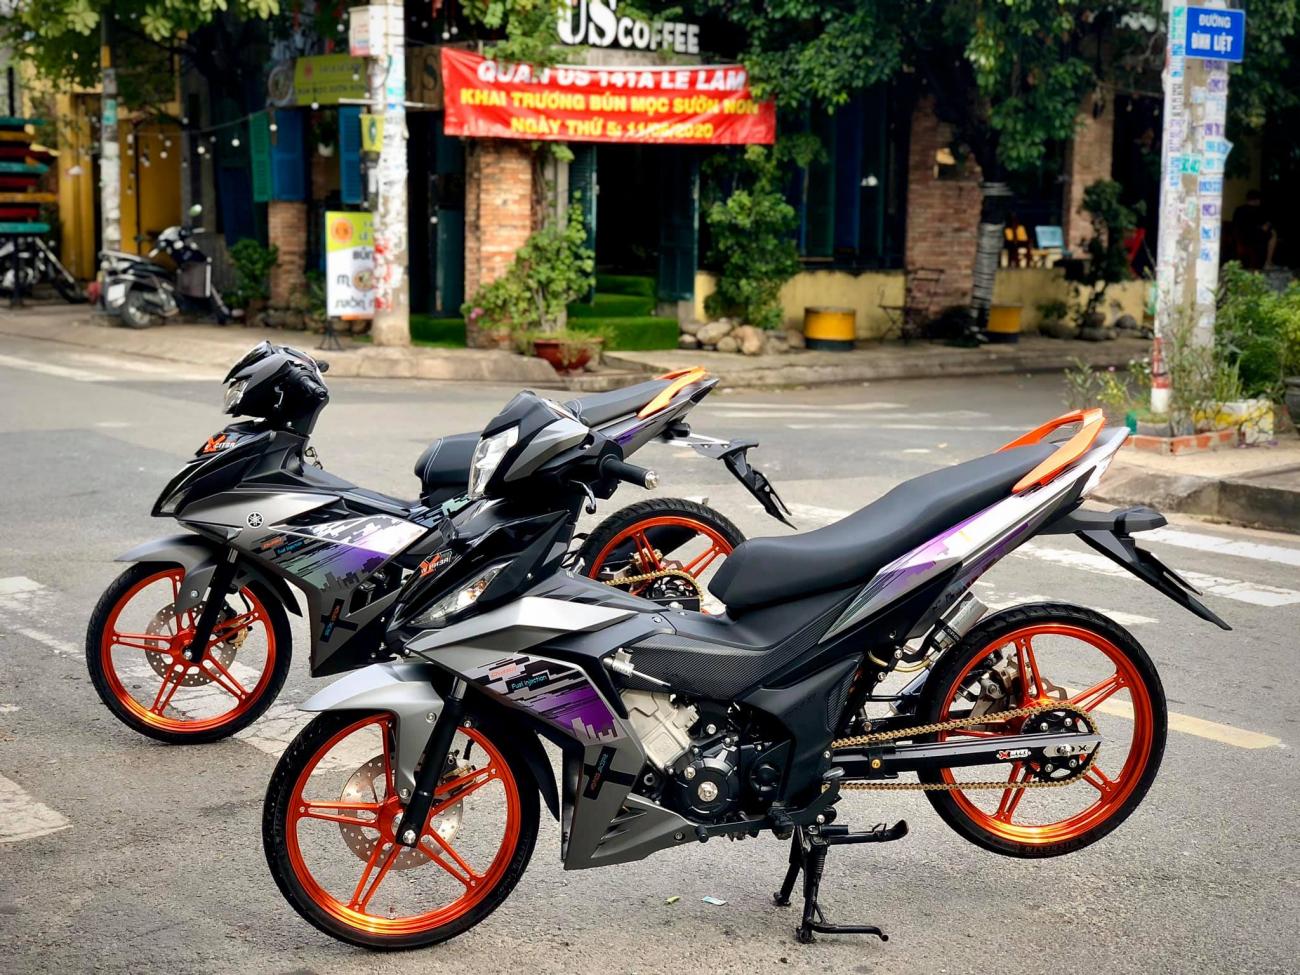 Winner do noi cong sieu khung khoe dang cuc ki chat choi - 10